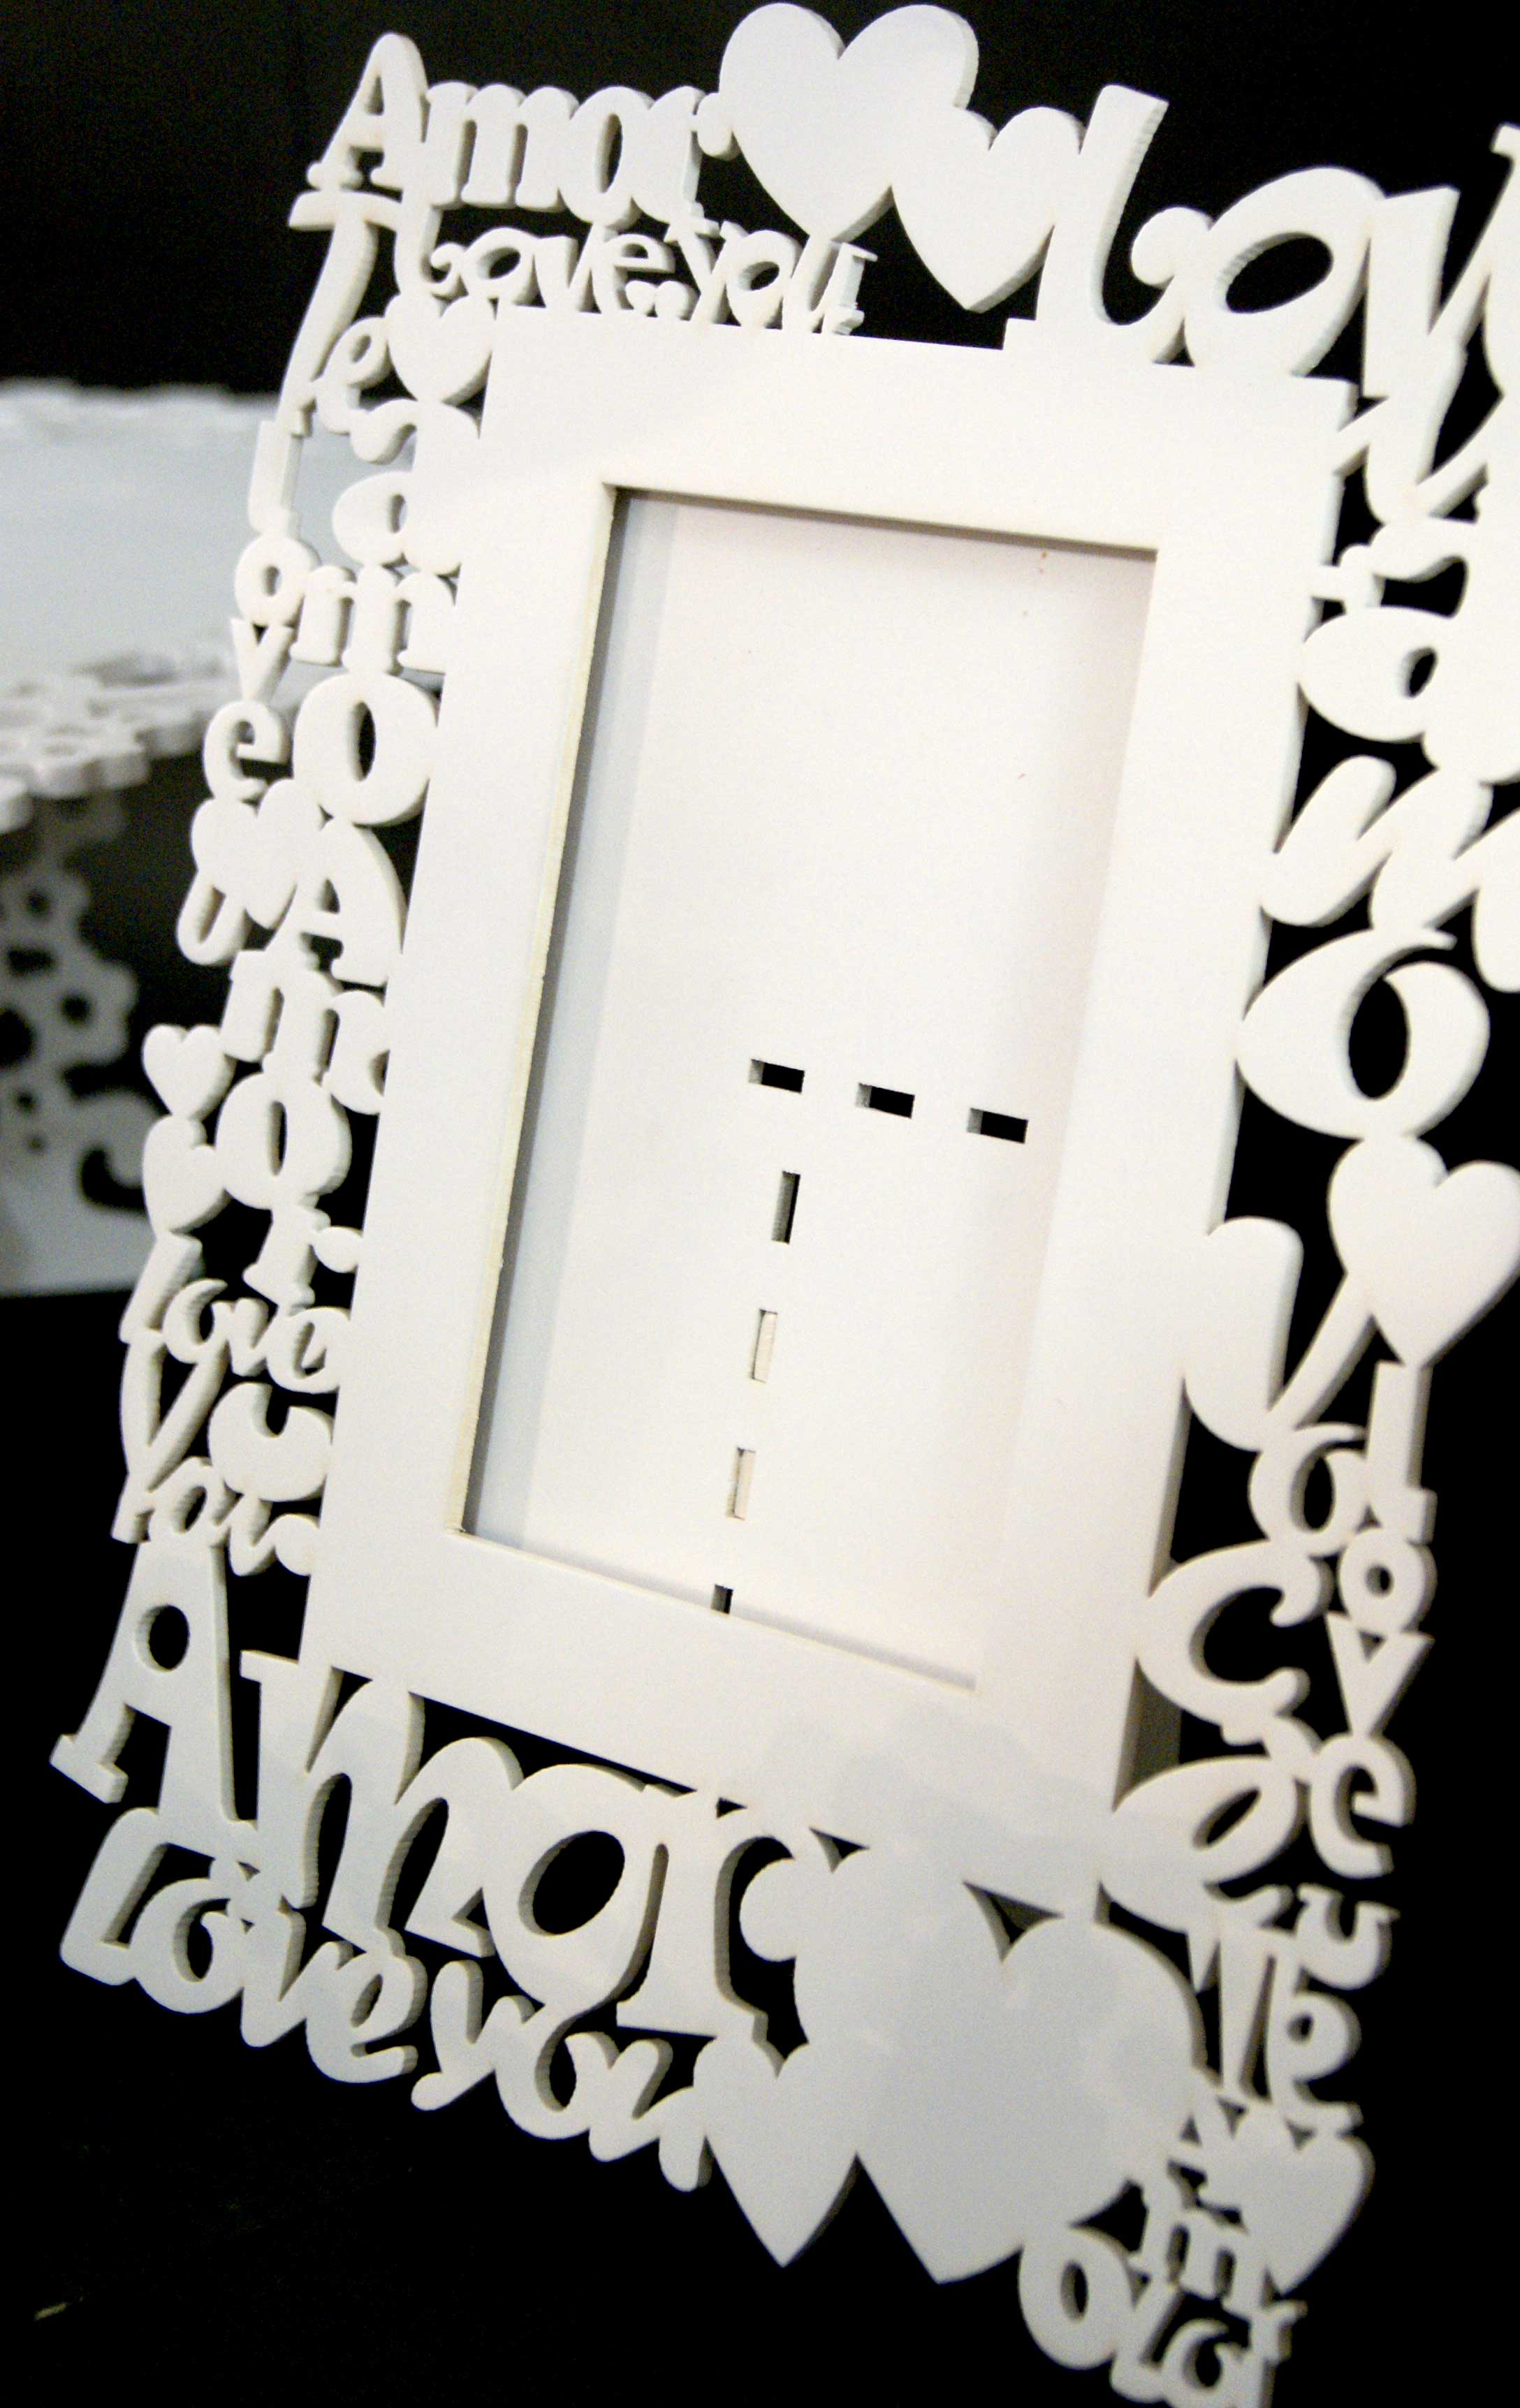 kit decoracao casamento : kit decoracao casamento:Kit Decoração Casamento , Noivado Kit Decoração Casamento